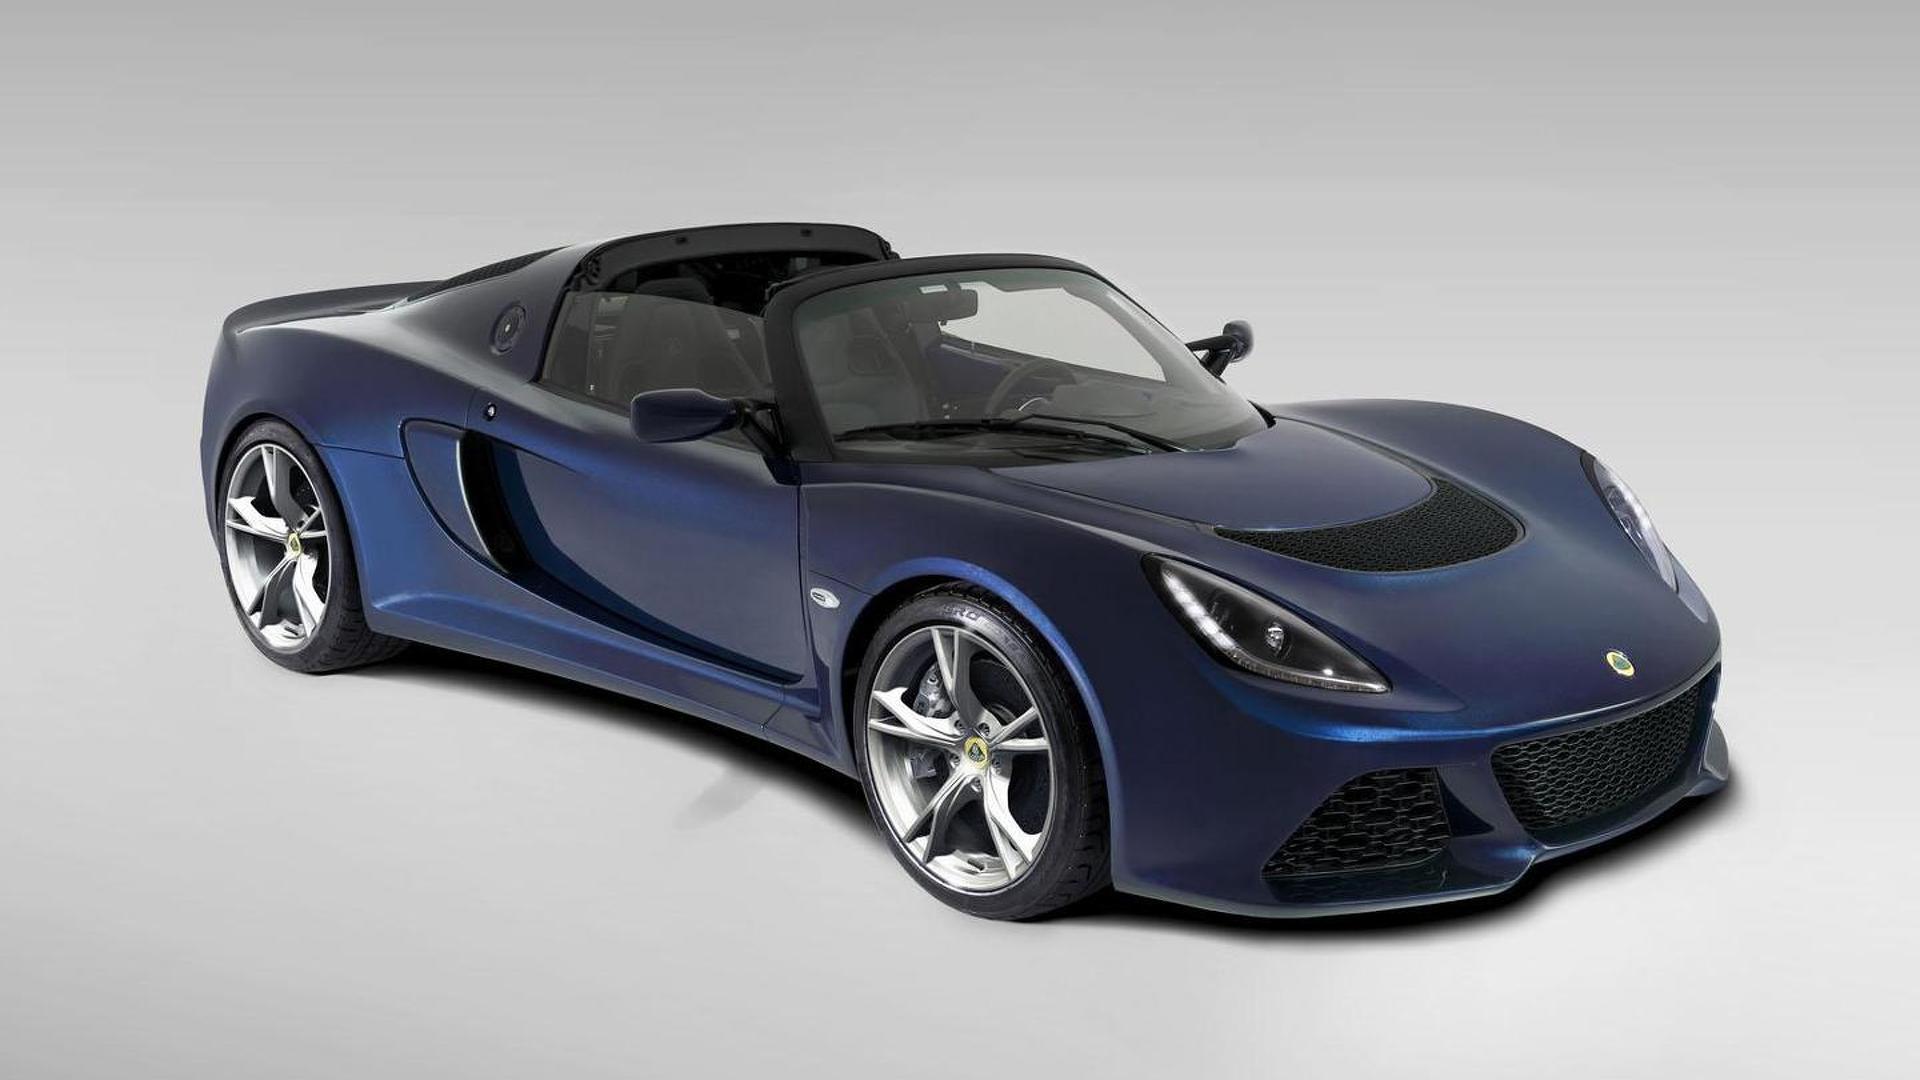 Volkswagen interested in Lotus - report